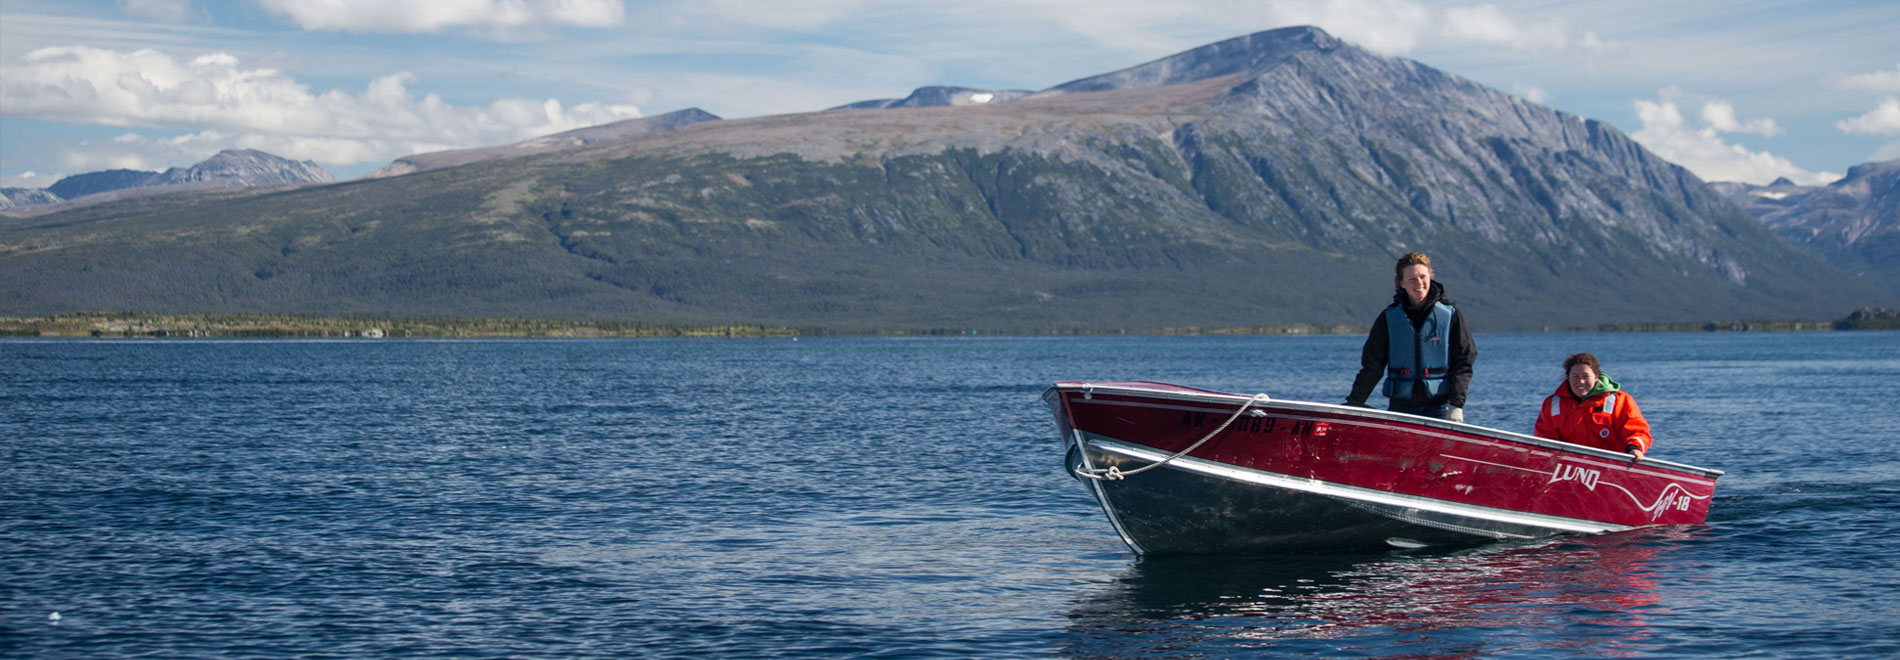 Alaska Salmon Camps